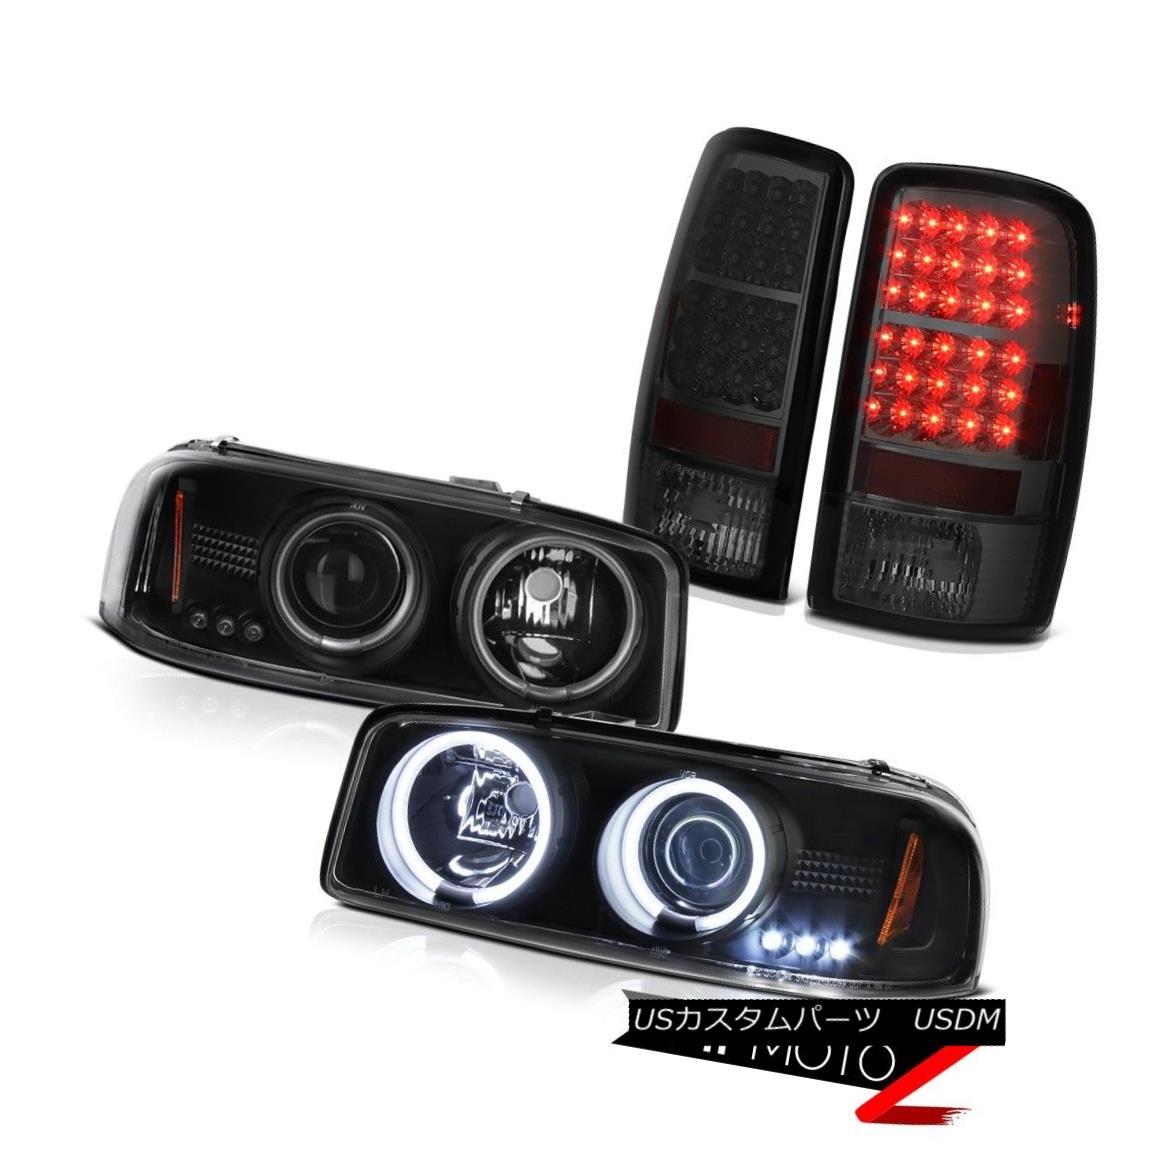 テールライト GMC DRL CCFL Halo Headlight Smoke SMD LED Tail Lights 00 01 02 03 04 05 06 Yukon GMC DRL CCFL HaloヘッドライトスモークSMD LEDテールライト00 01 02 03 04 05 06ユーコン